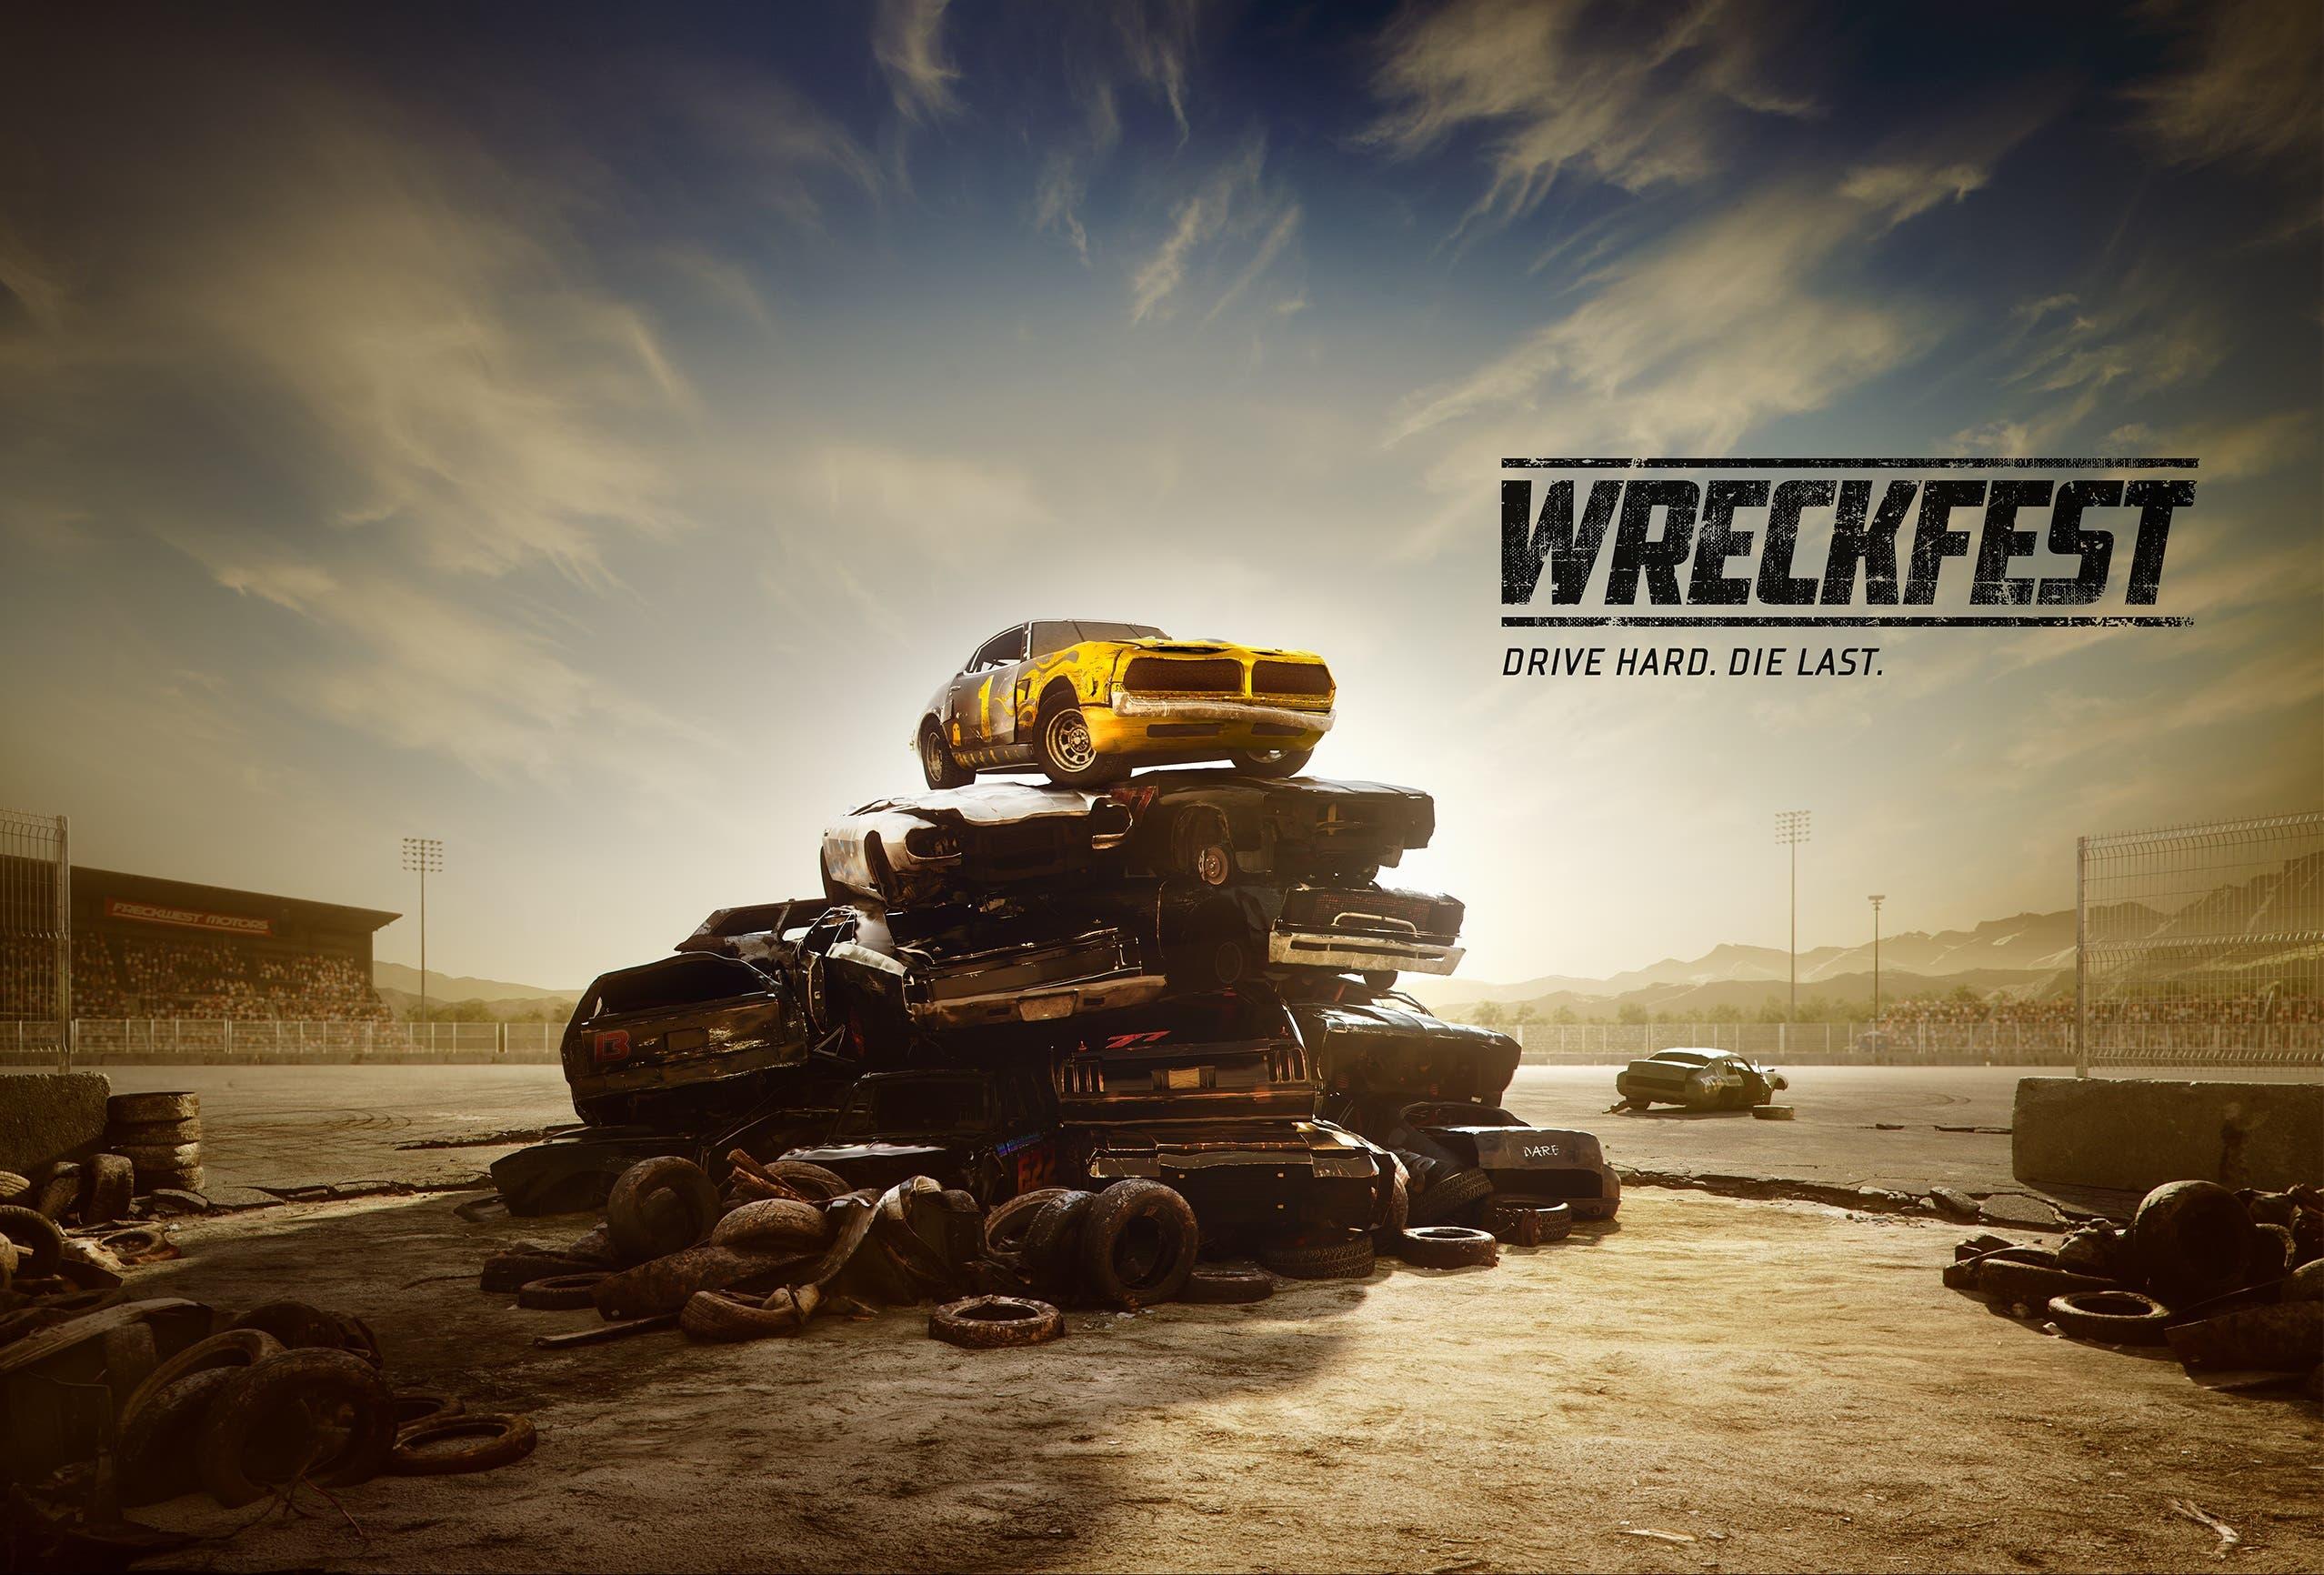 Wreckfest artwork